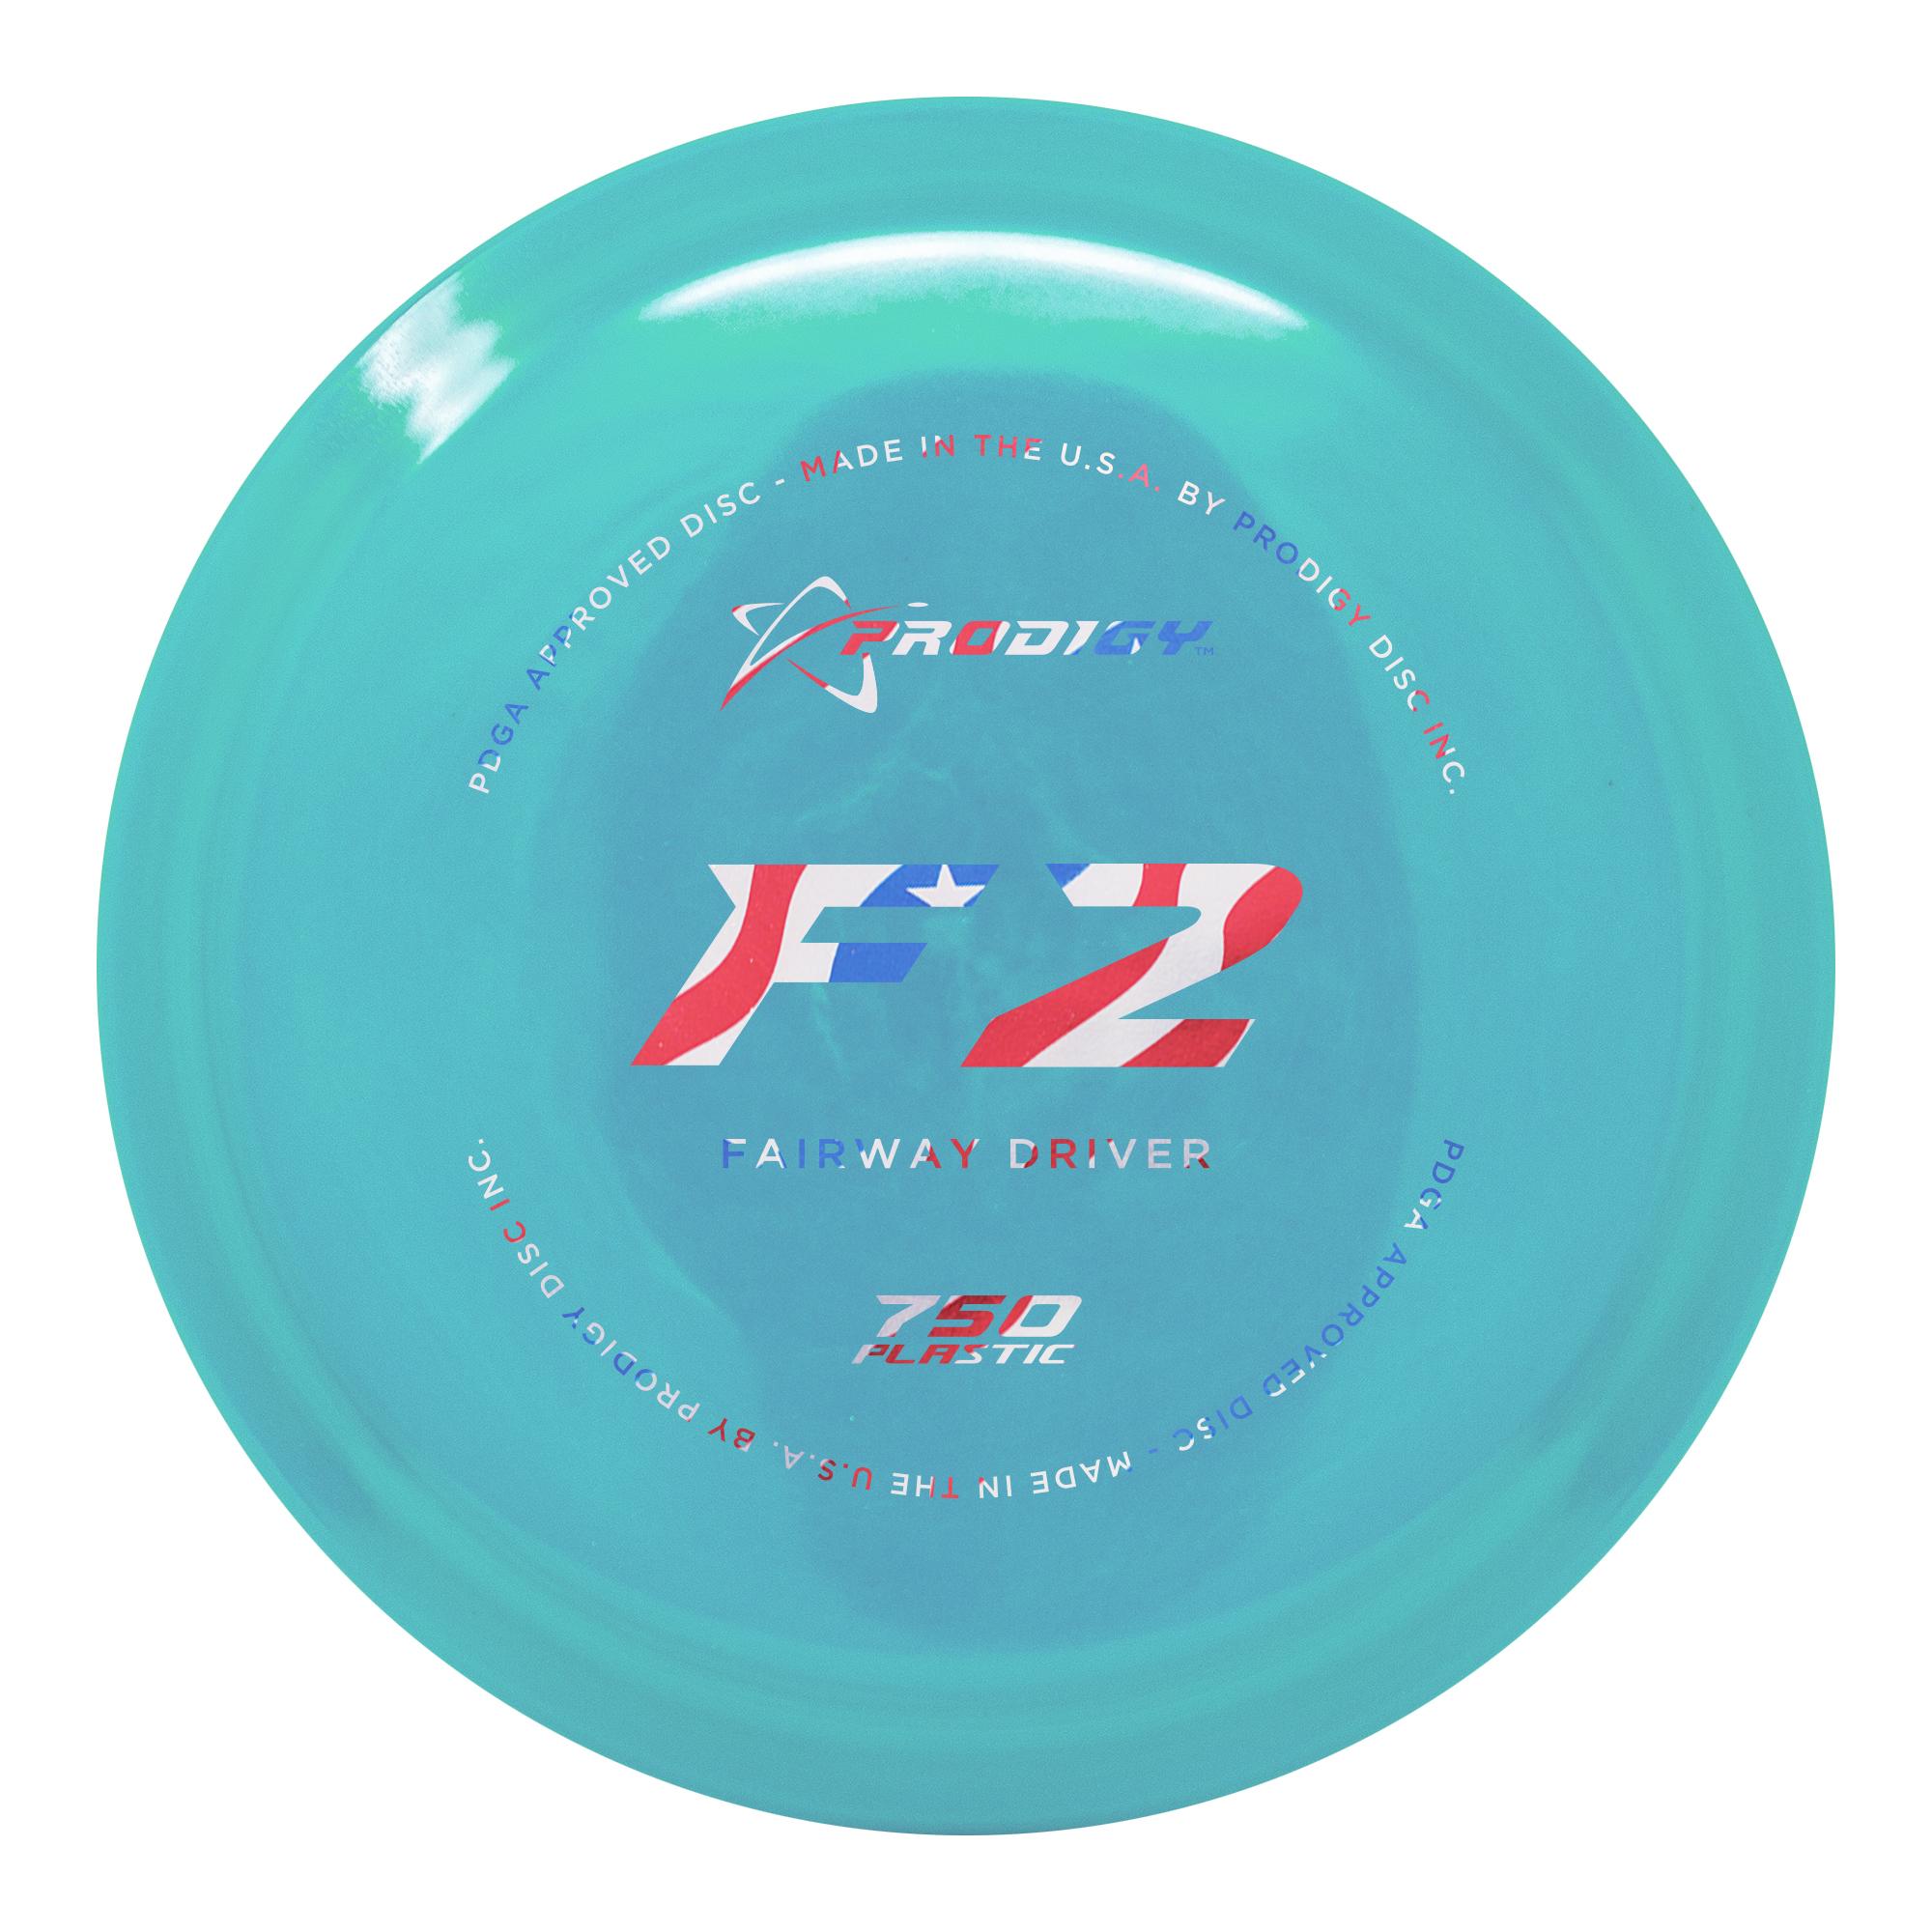 F2 - 750 PLASTIC